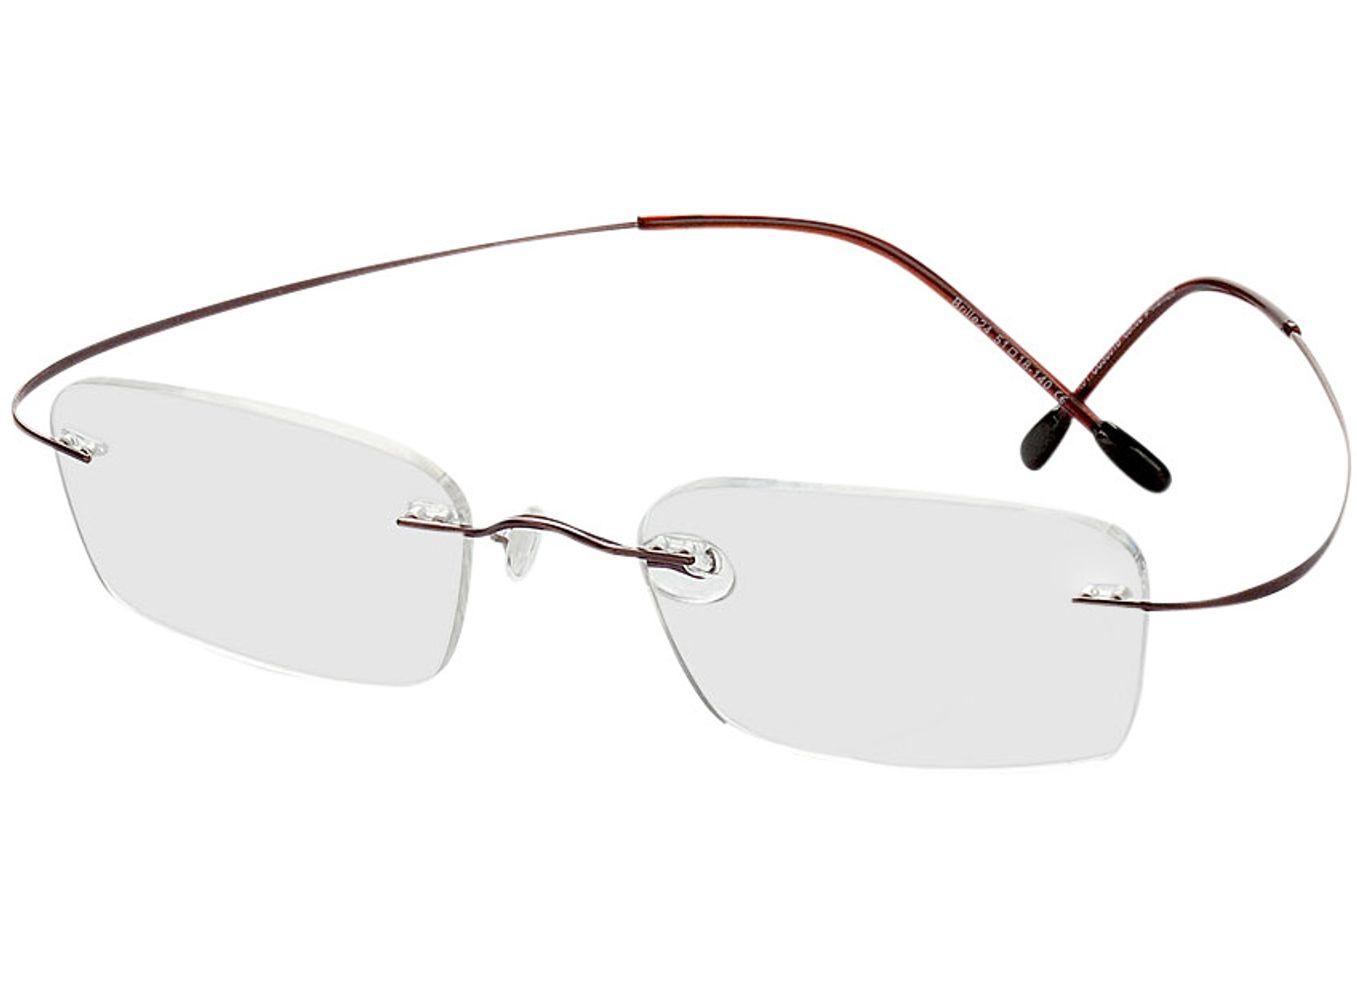 1095-singlevision-0000 Mackay-braun Gleitsichtbrille, Randlos, Rechteckig Brille24 Collection